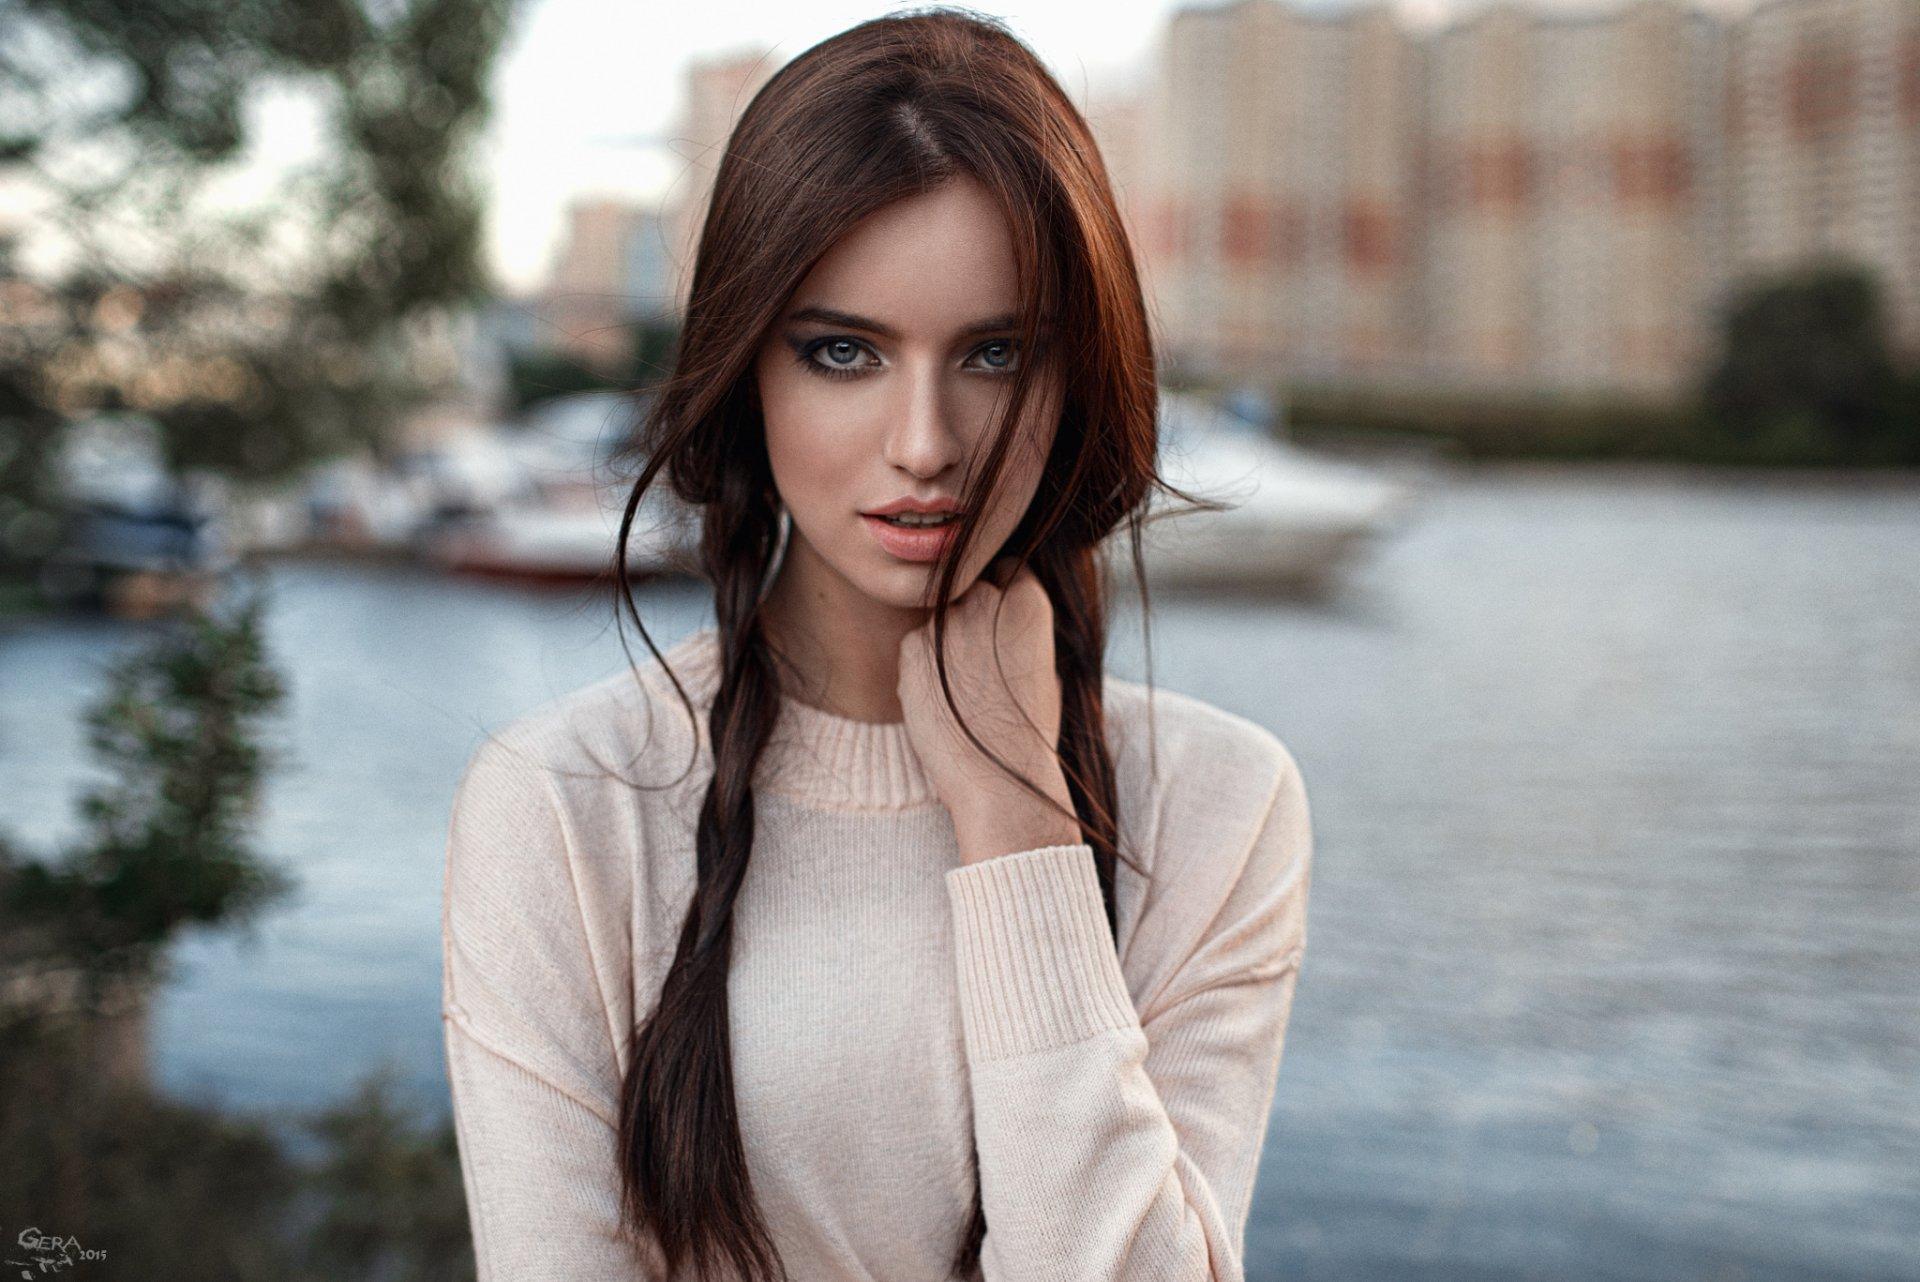 Women - Model  Woman Blue Eyes Brunette Braid Bokeh Outdoor Girl Wallpaper